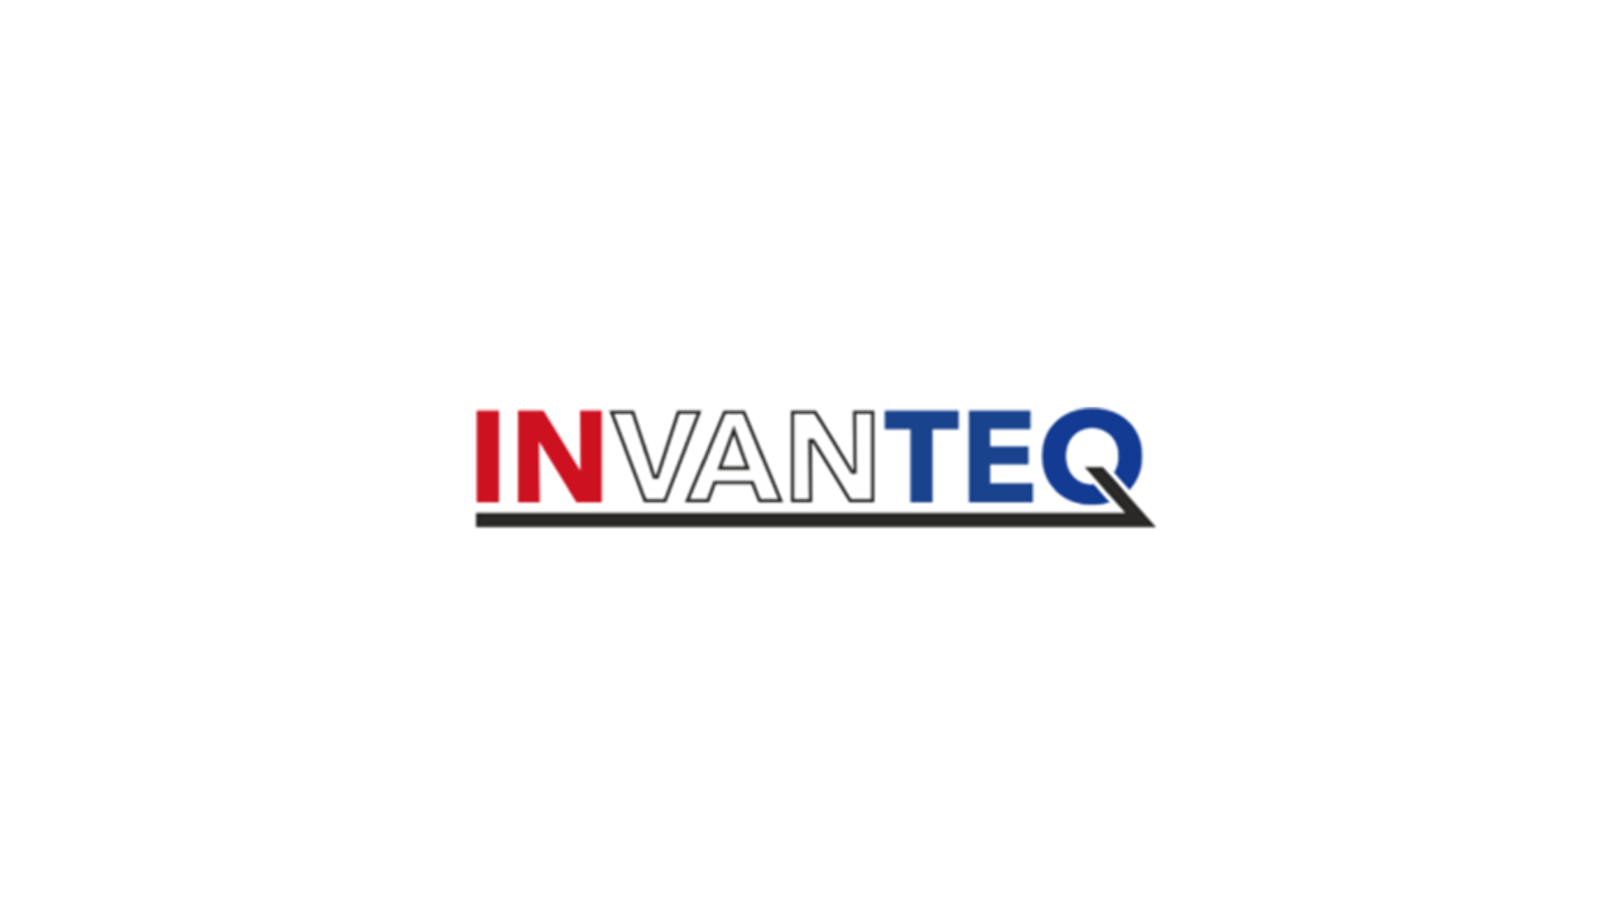 Invanteq